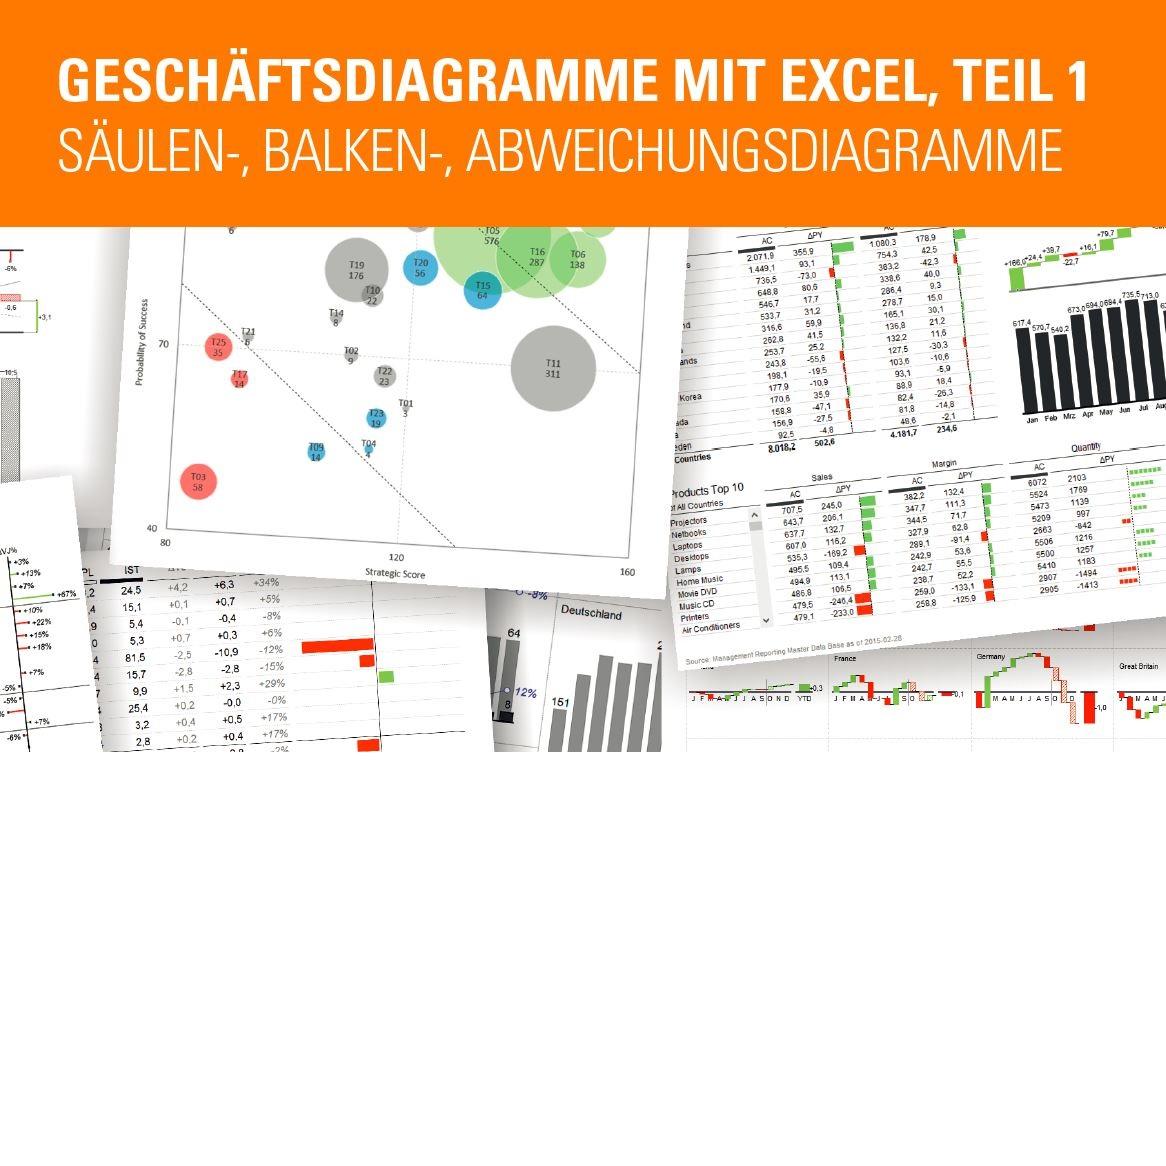 Ziemlich Fabrikradiodrahtdiagramm Ideen - Der Schaltplan - greigo.com